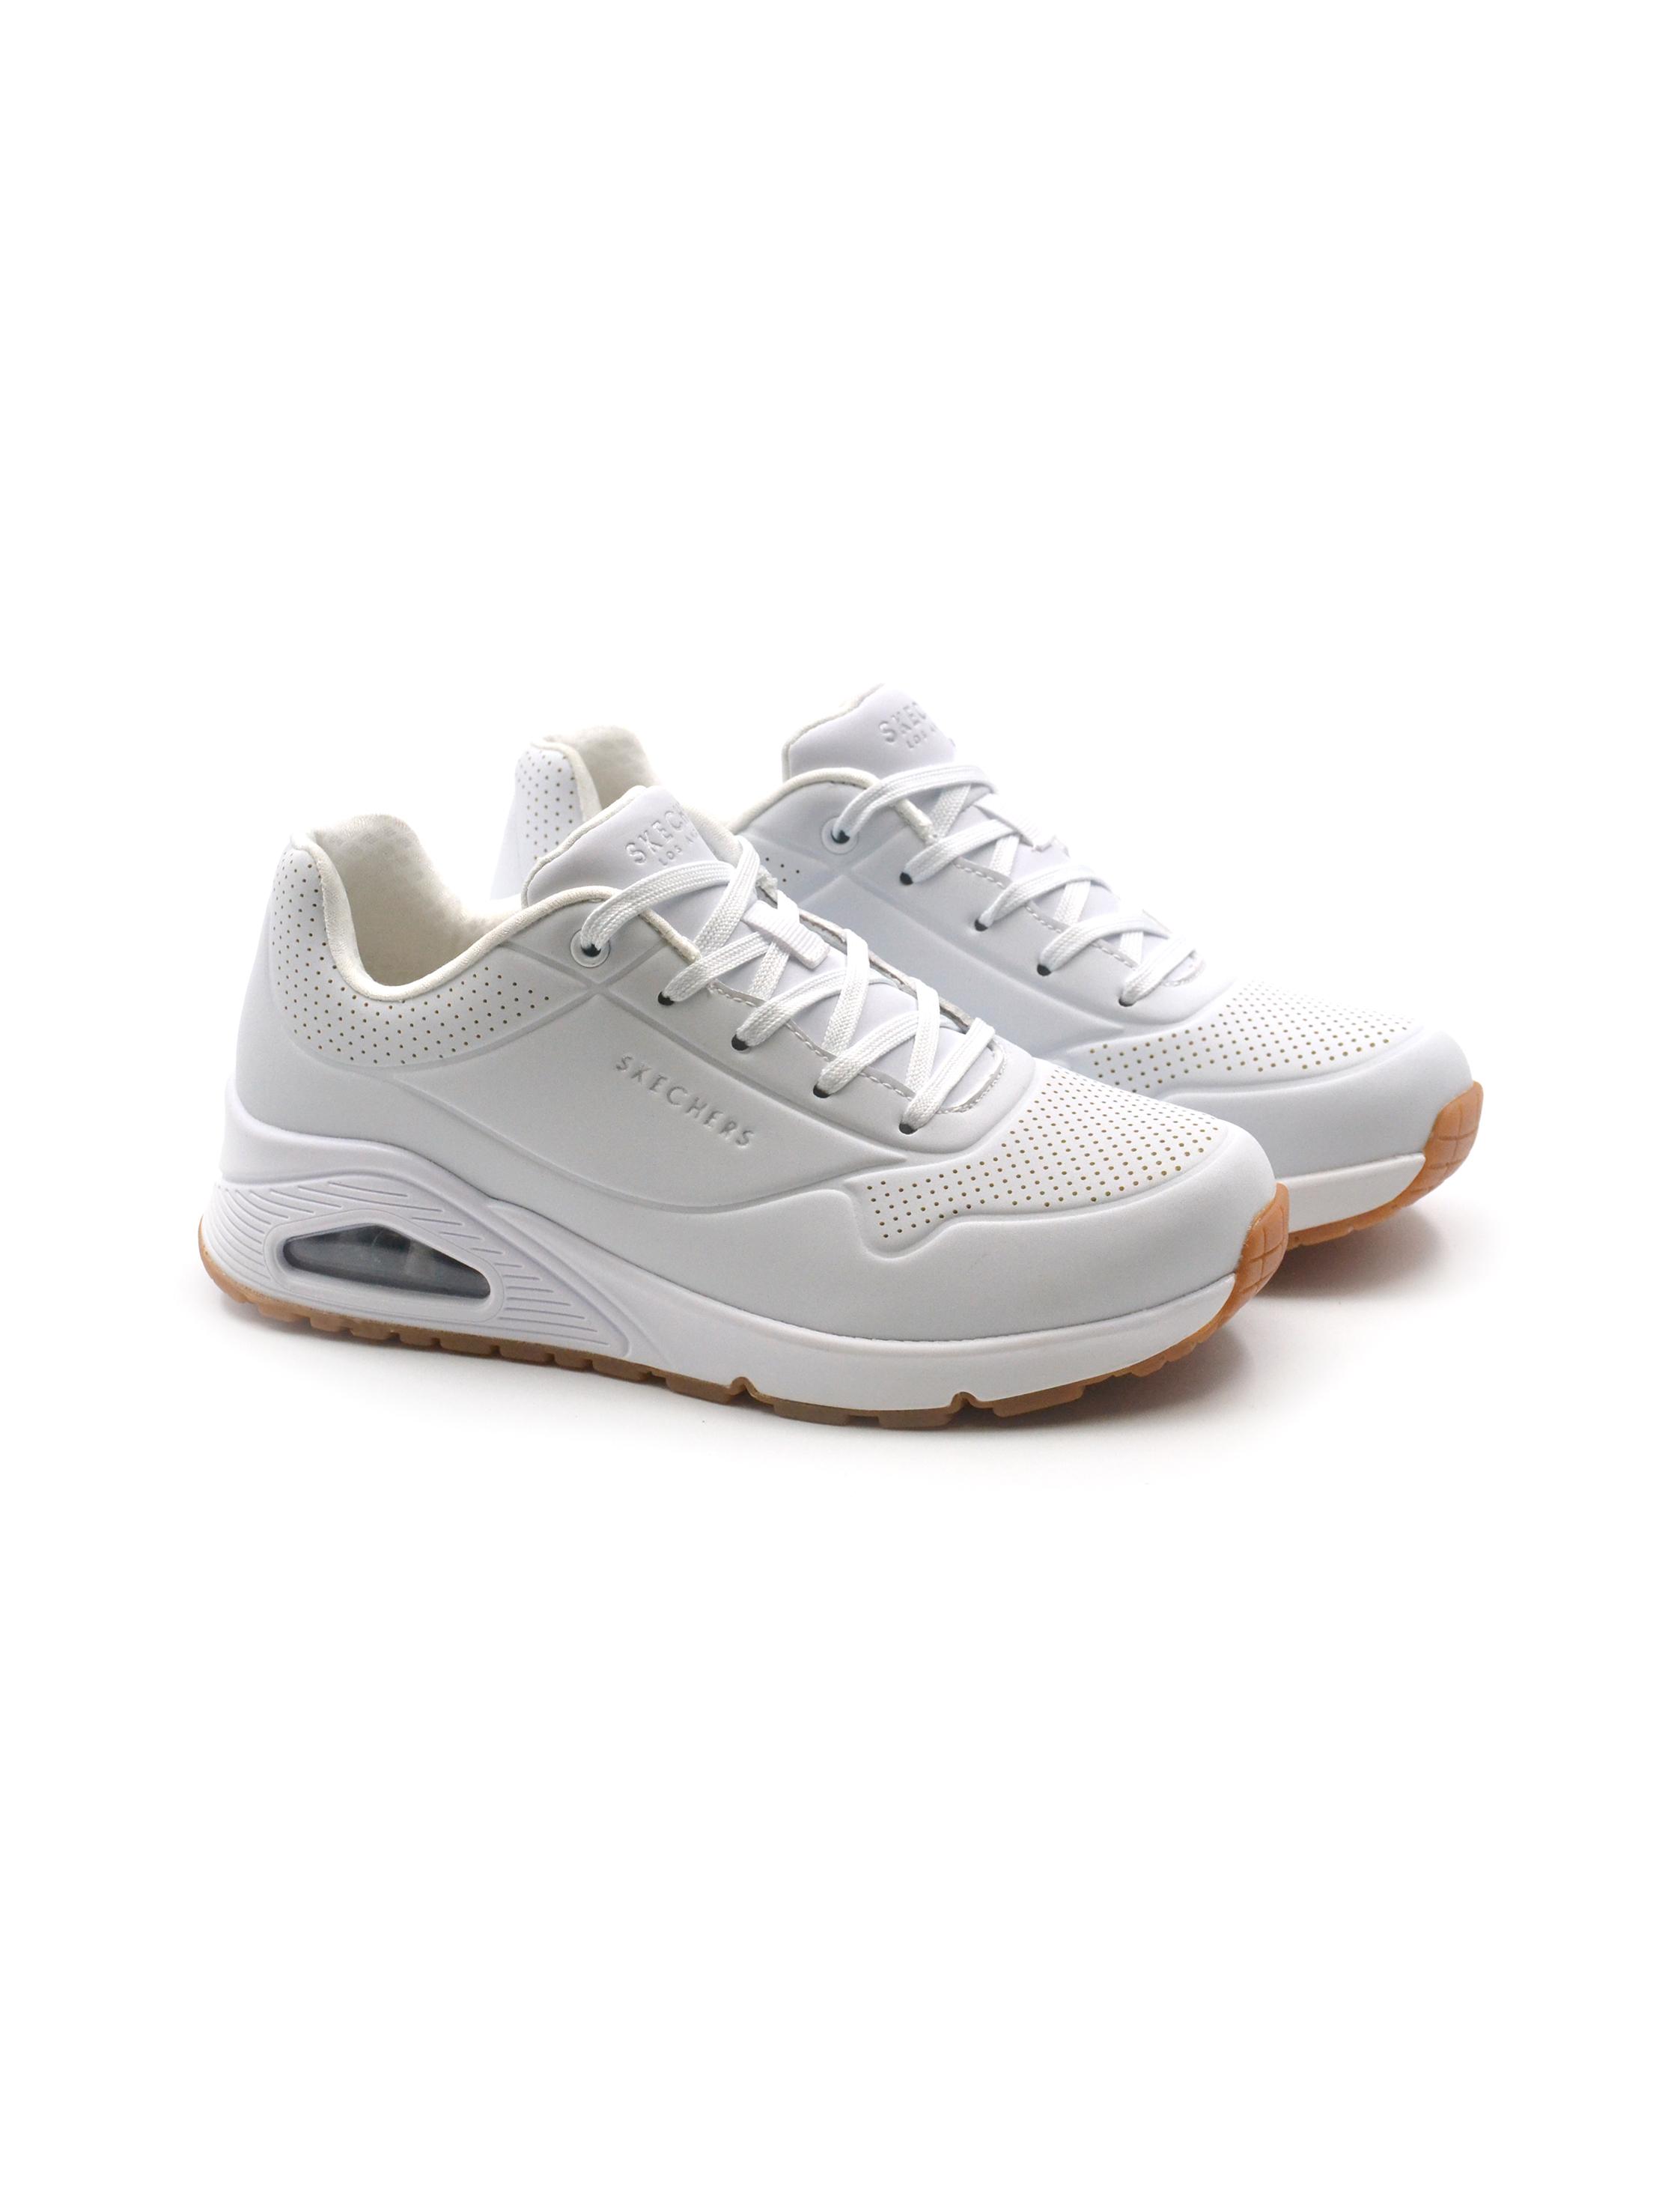 Skechers sneaker donna con memory foam, Sneakers, colore Wht